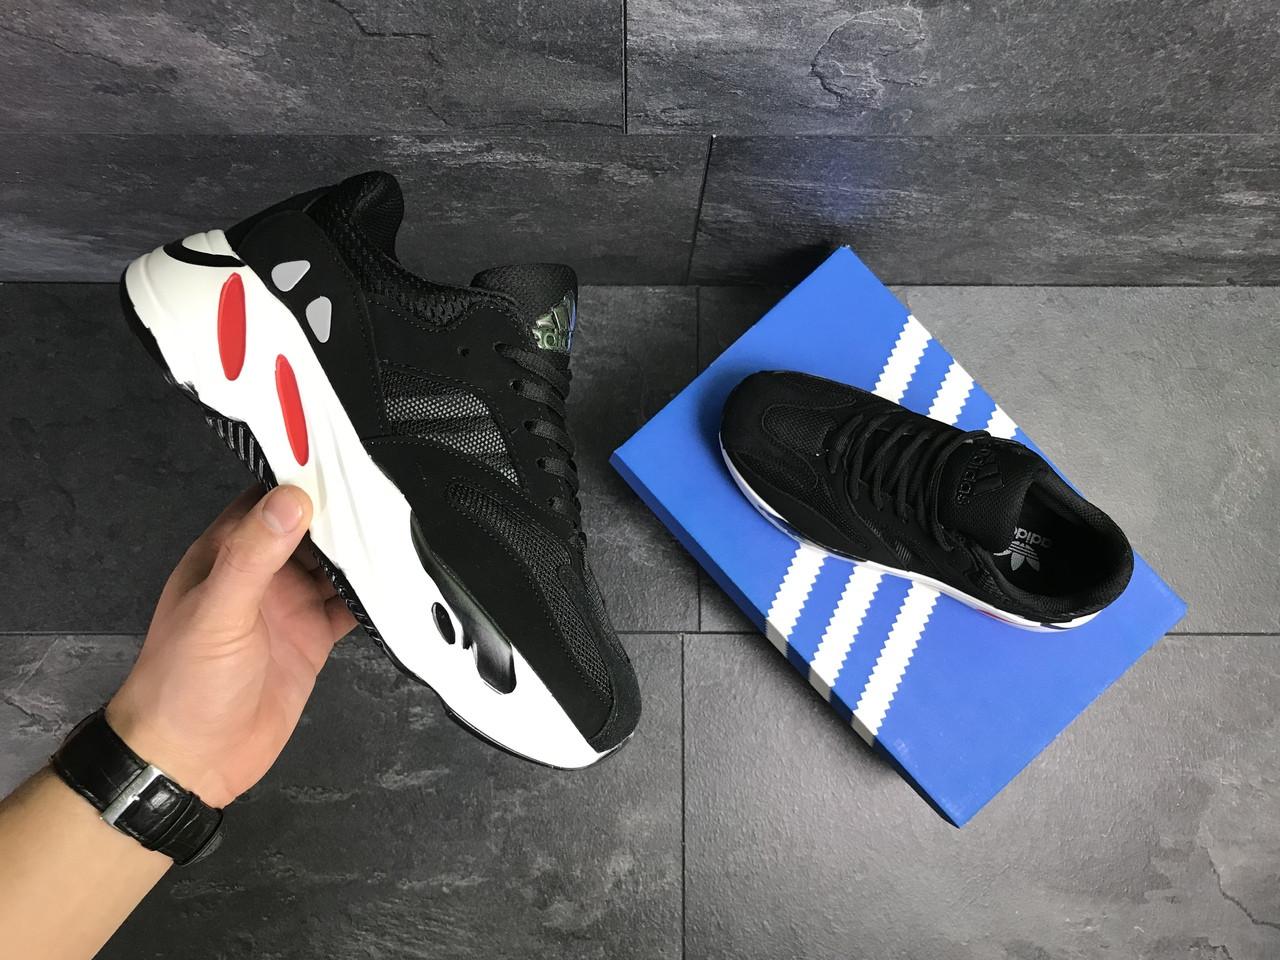 brand new b7276 8957c Adidas x Yeezy Boost 700 OG черно белые: продажа, цена в Киеве. кроссовки,  кеды повседневные от